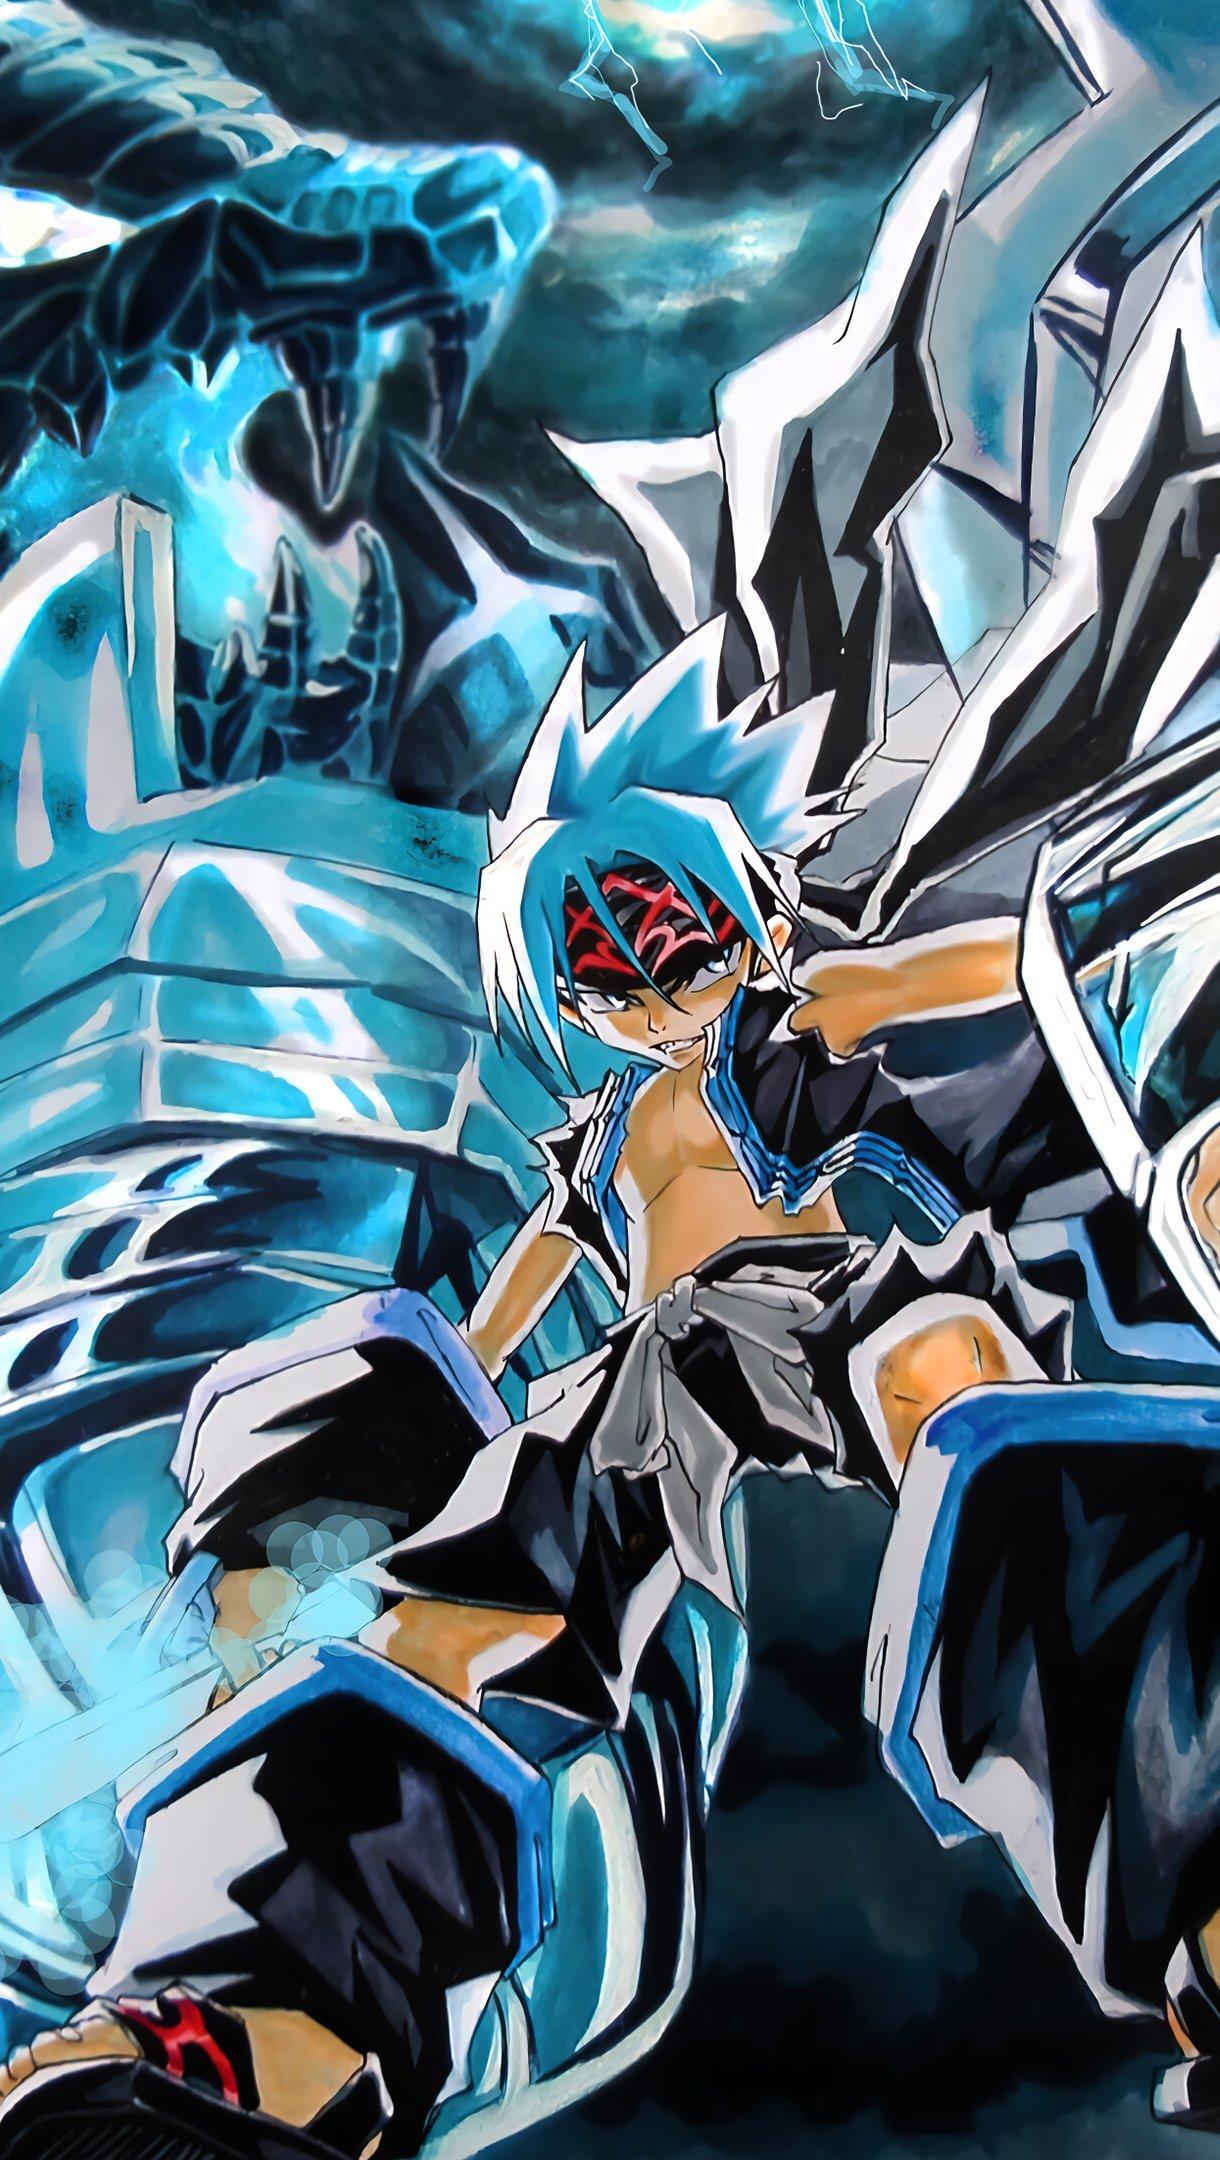 Fondos de pantalla Anime Shaman King Horohoro Vertical